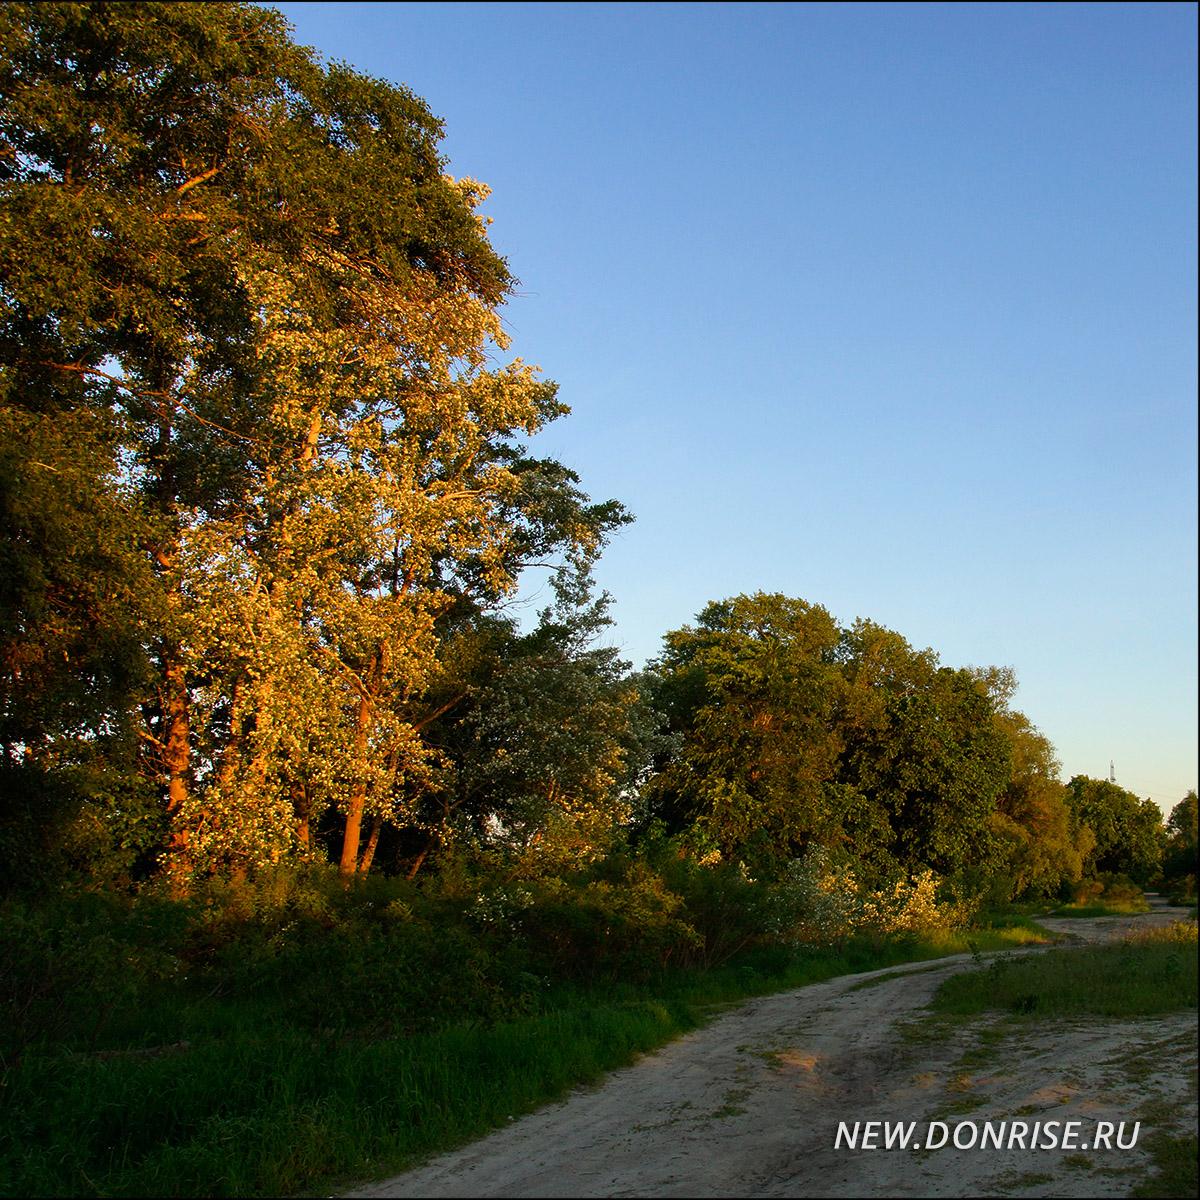 Дорога. Первые лучи солнца